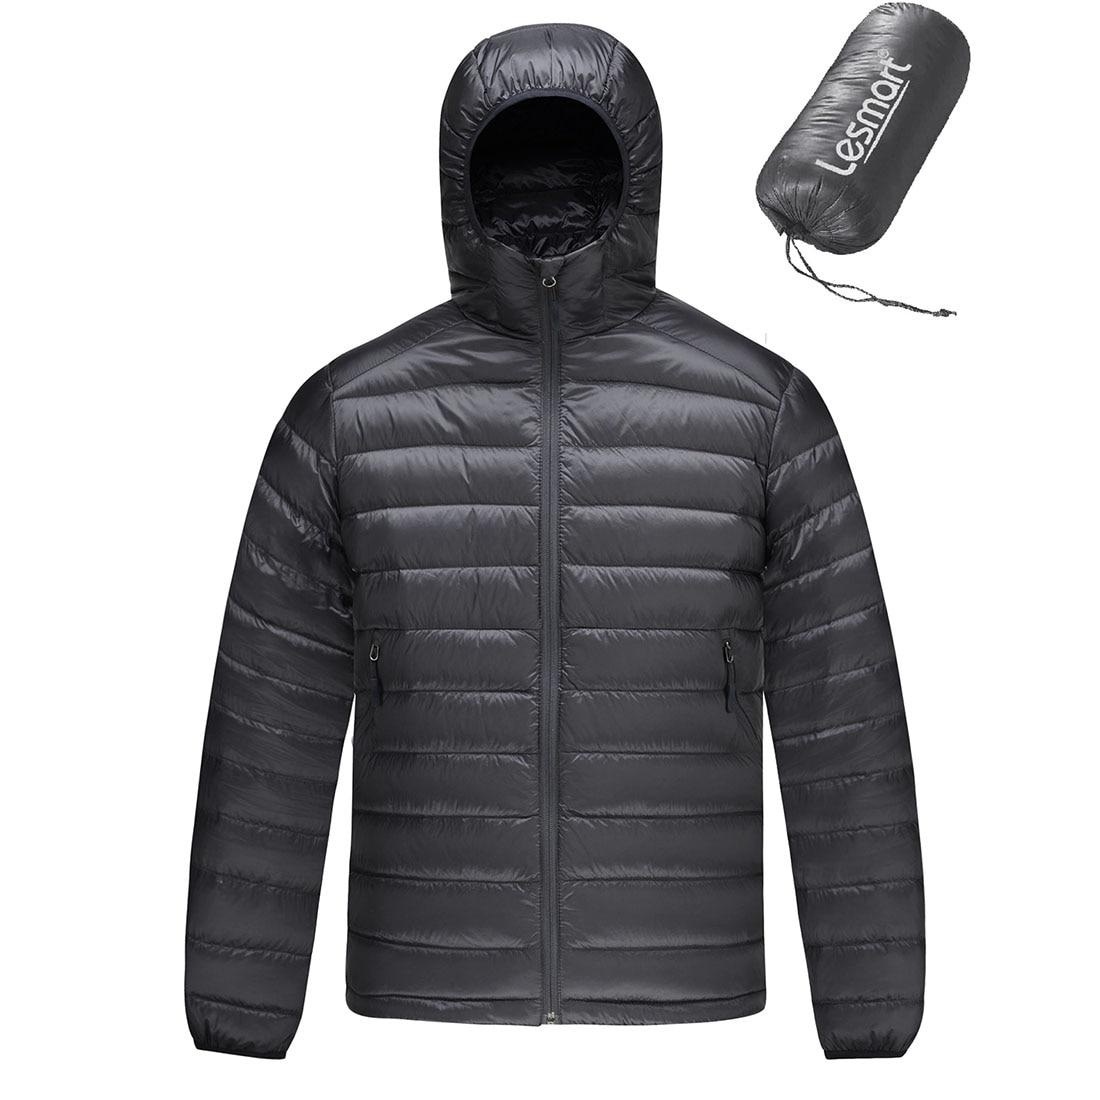 Men's Down Jacket Winter New Lesmart Fashion Hooded Warm Coats Male Lightweight Puffer 90% White Duck Down Parka Outwear